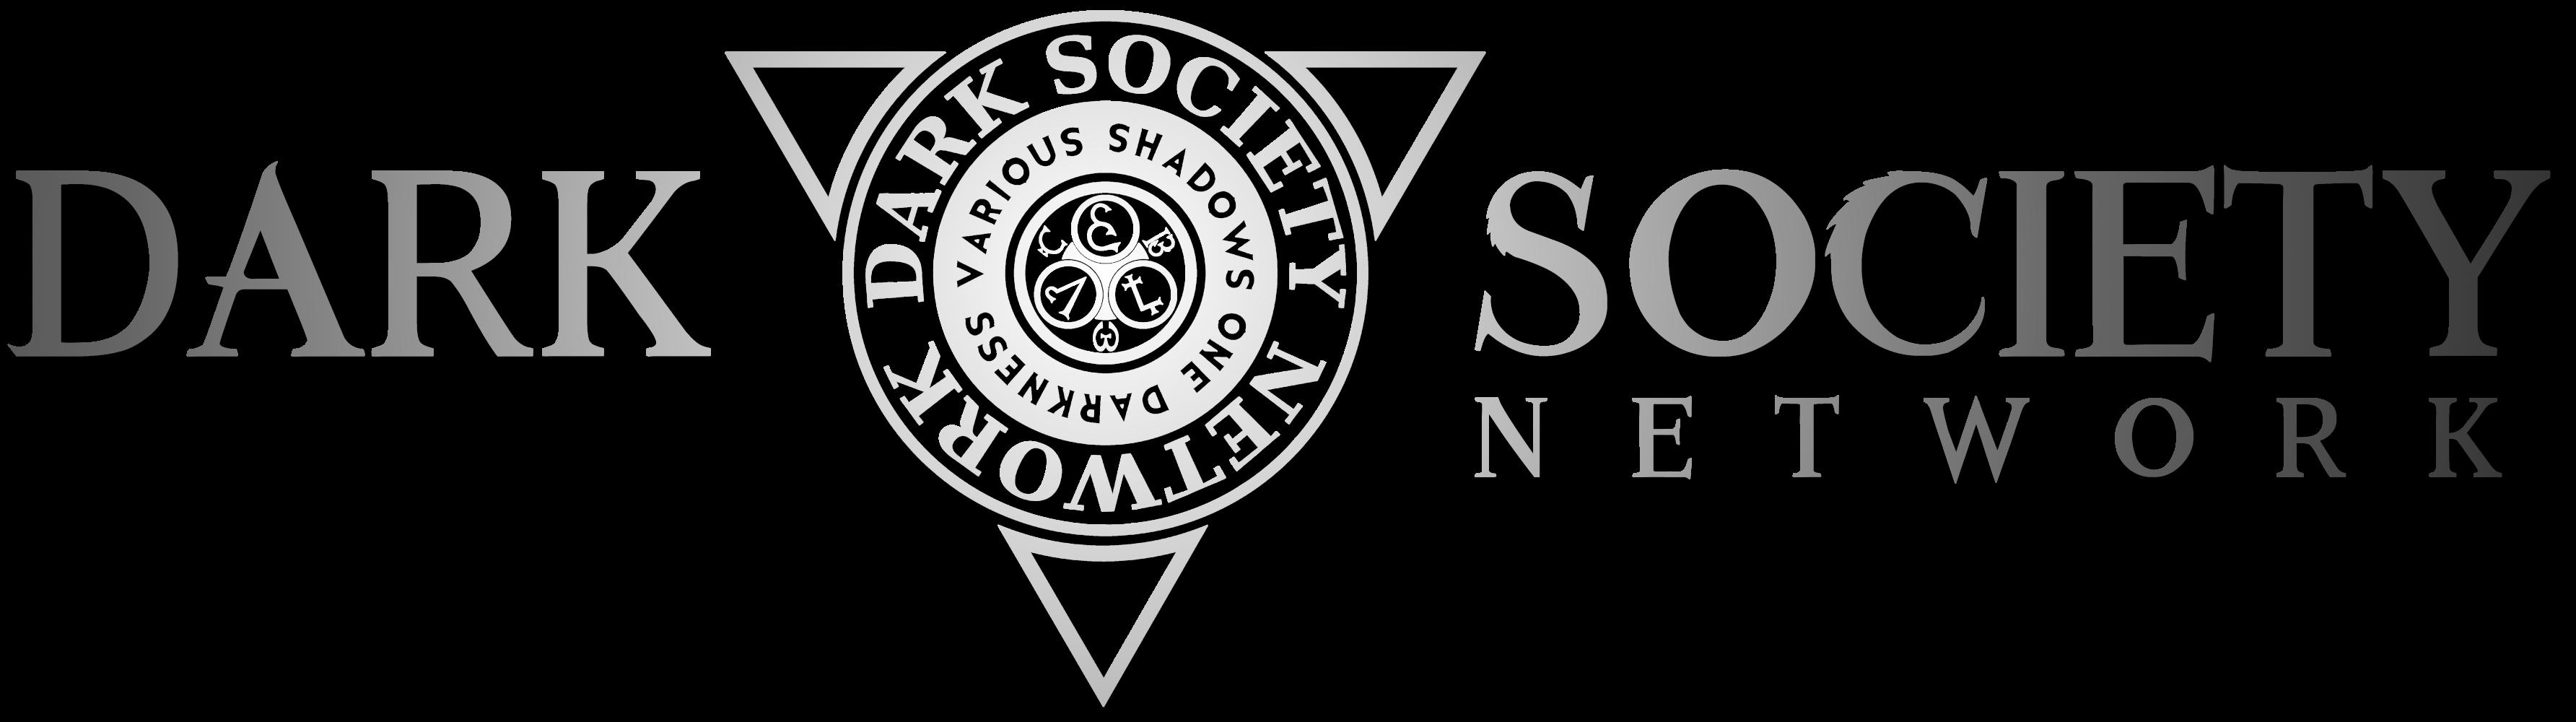 Dark Society Network